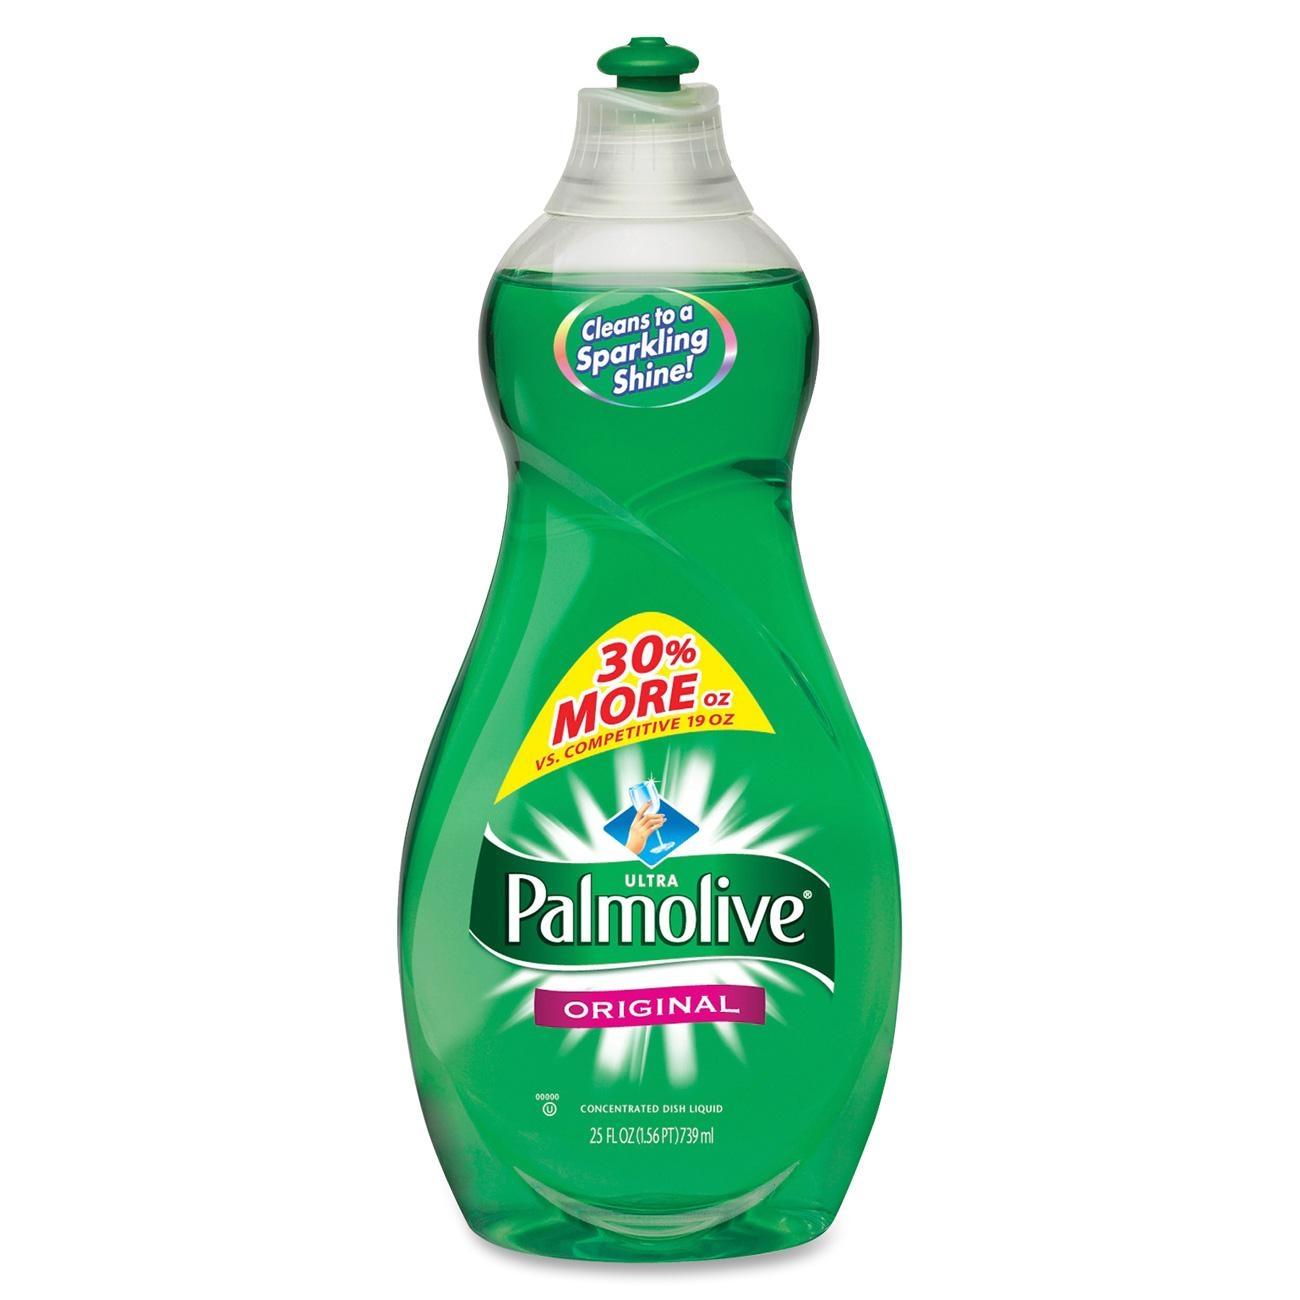 Palmolive Antibacterial Dishwashing Detergent